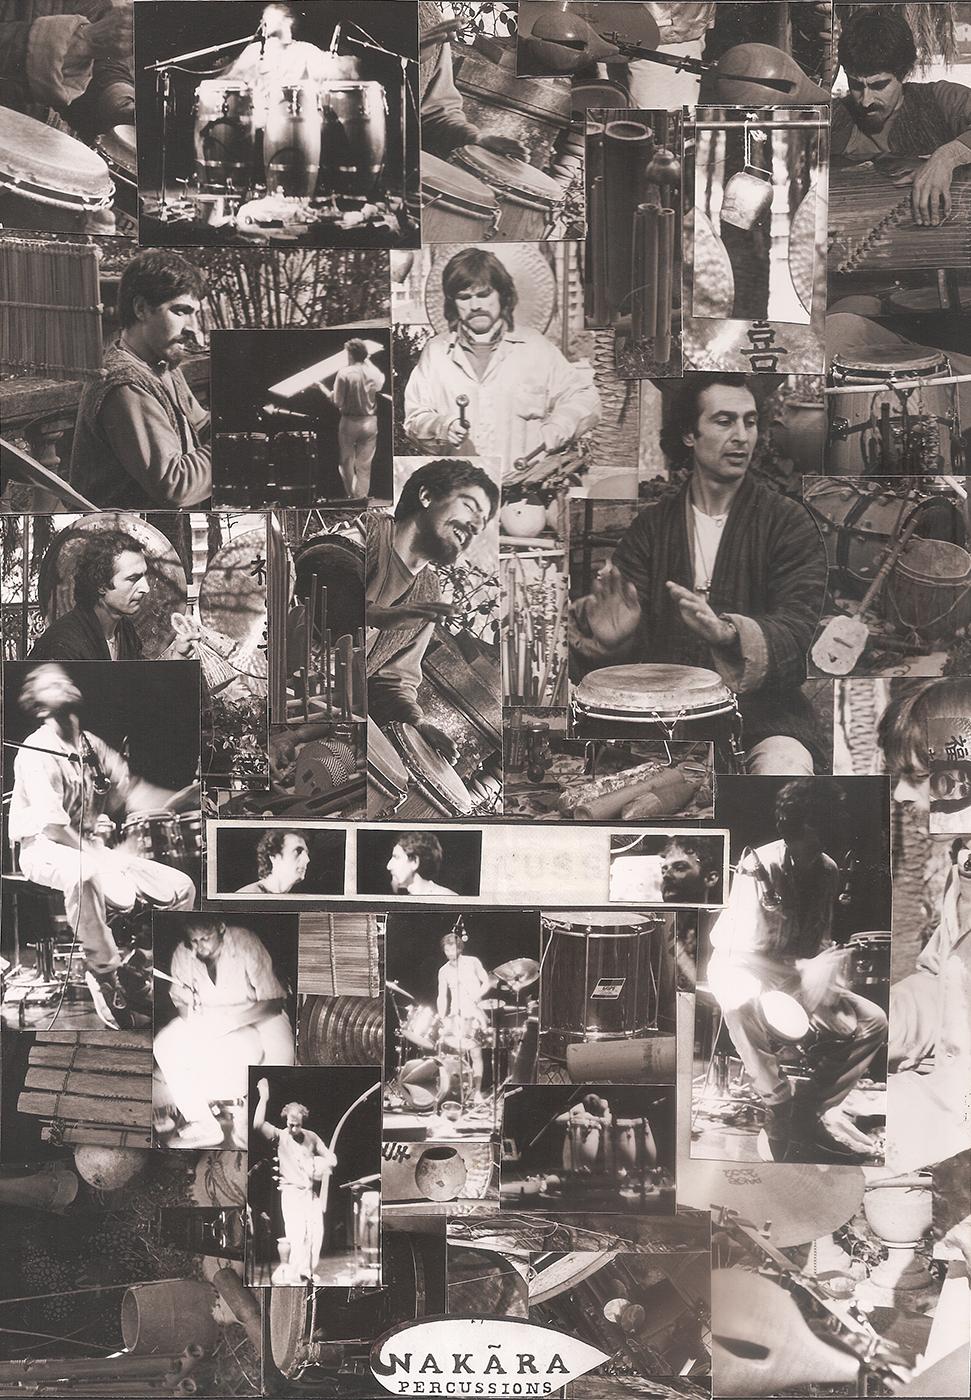 KOS001 Nakara Percussions group montage.jpg